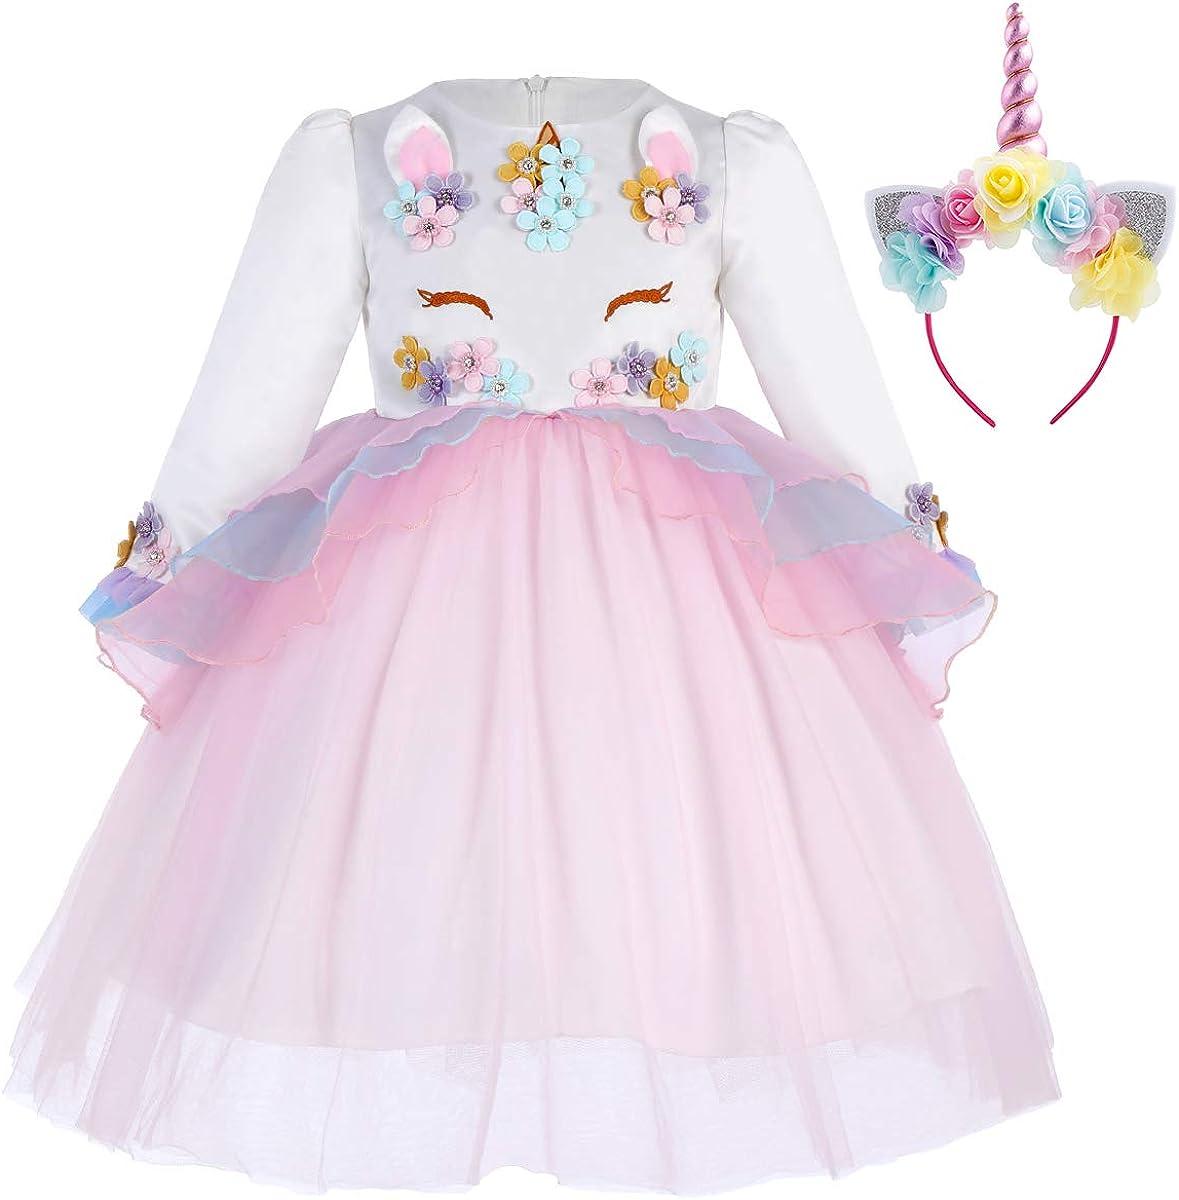 IWEMEK Princesa Bebé Niña Vestido Unicornio Cumpleaños Disfraz de Cosplay para Fiesta Carnaval Navidad Bautizo Comunión Boda 1-13 Años